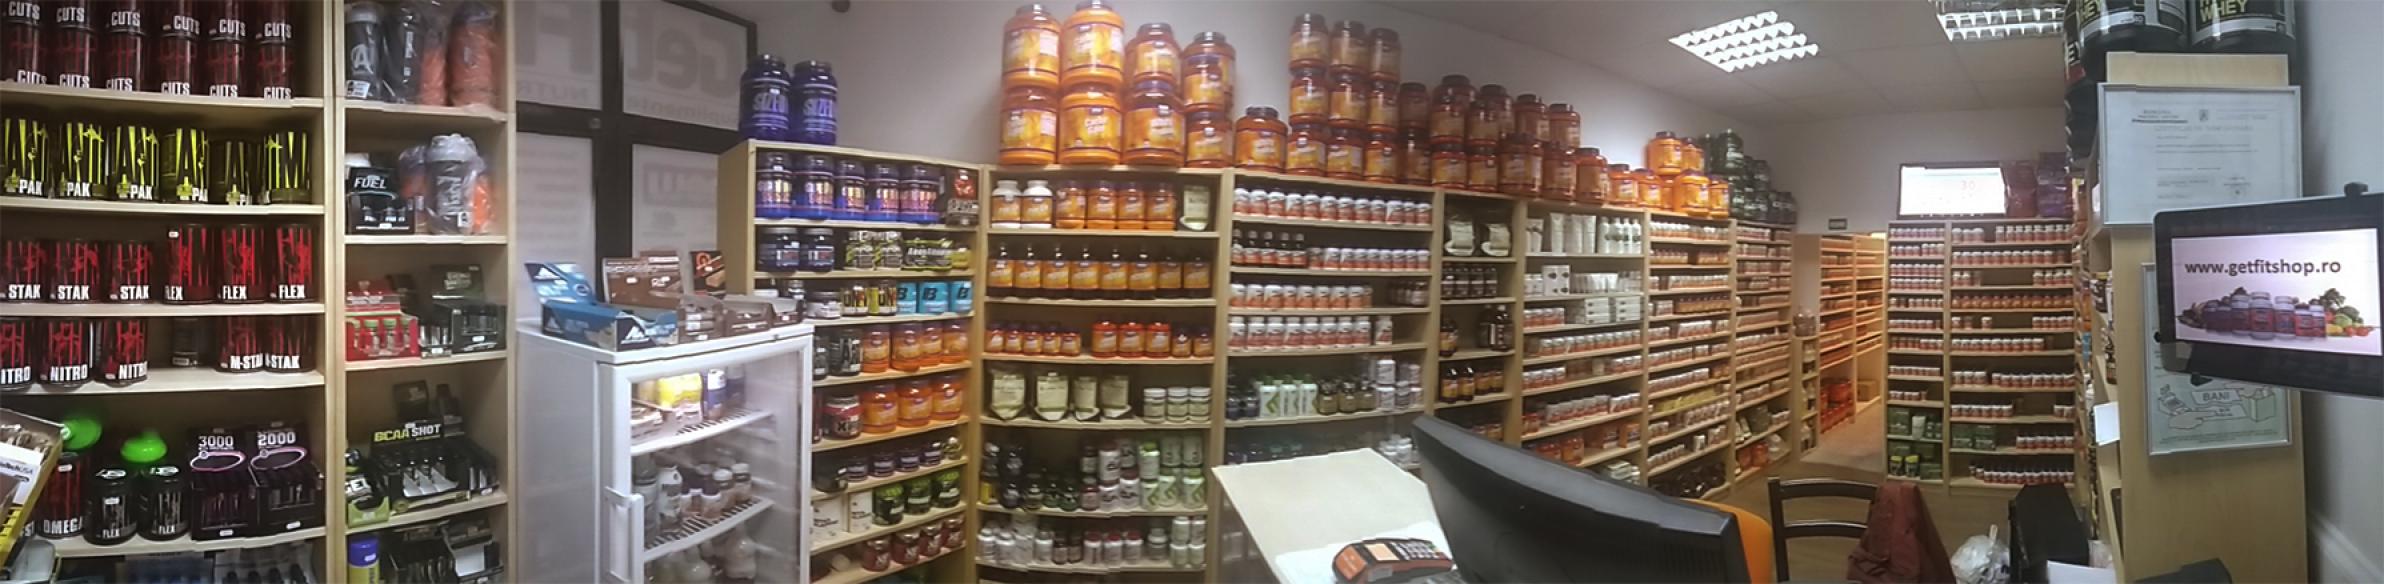 GetFit Shop Bucuresti